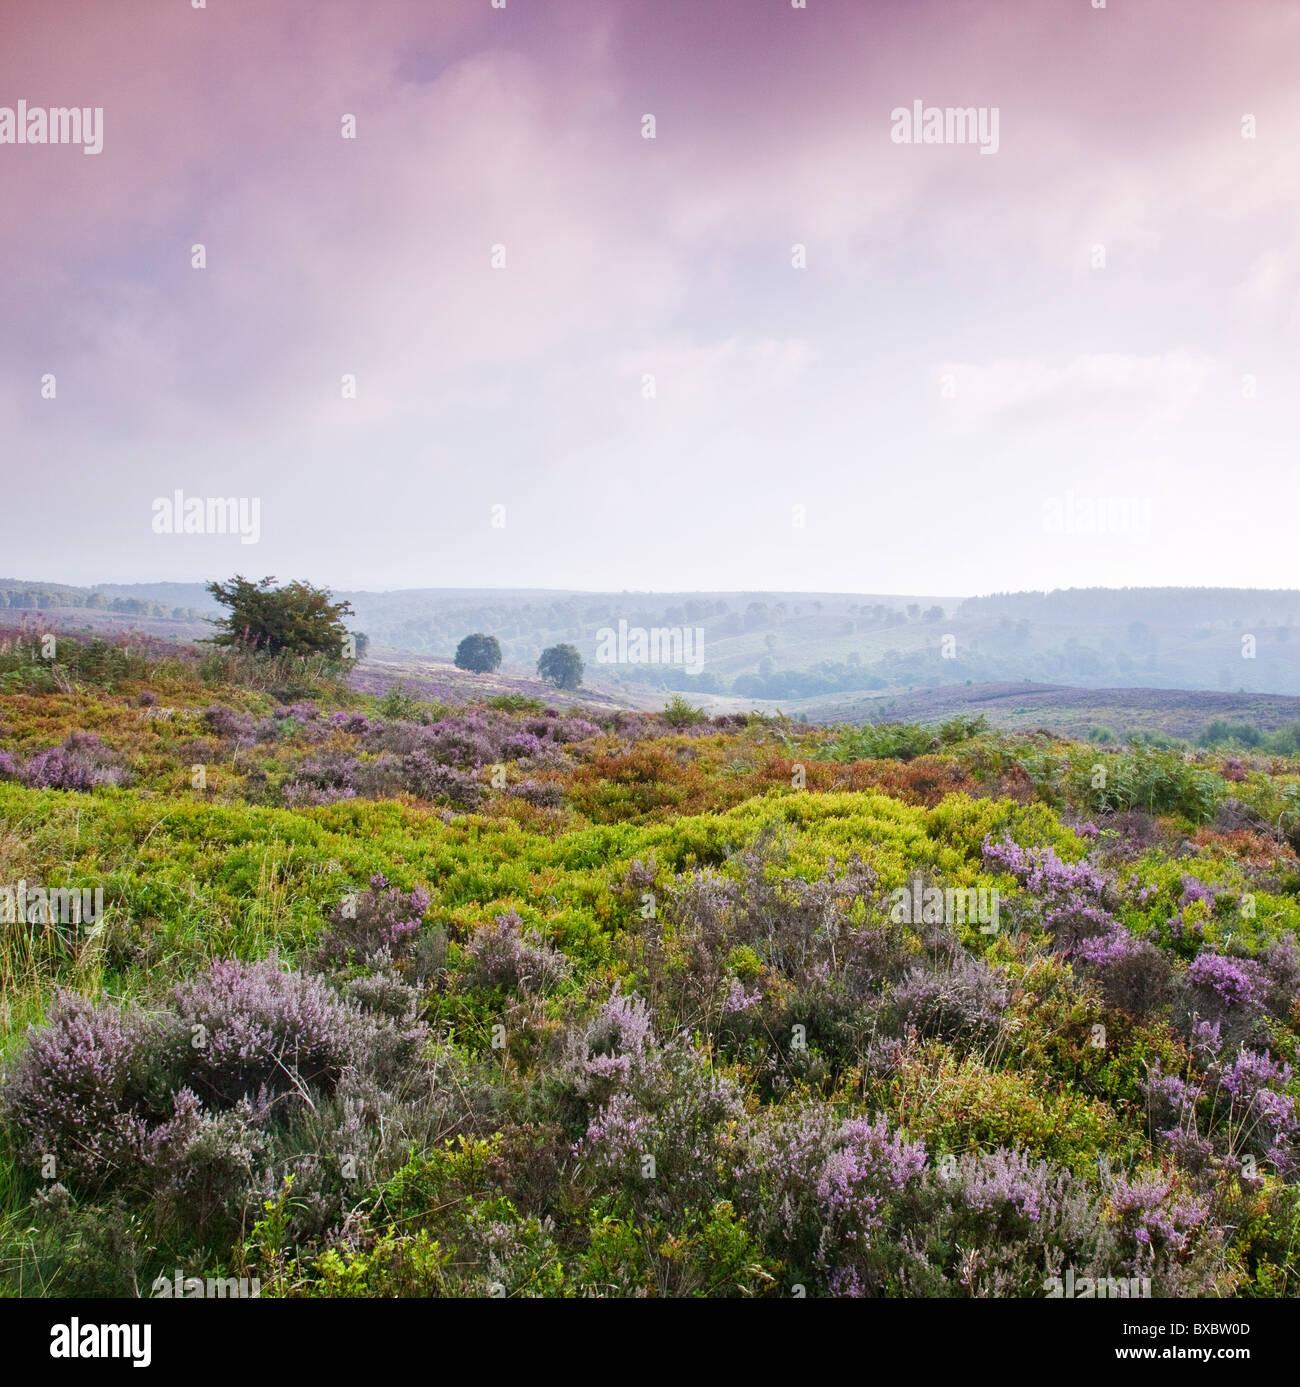 Heather Bilbury Incultos no final do verão Cannock Chase Country Park AONB (área de excepcional beleza Imagens de Stock